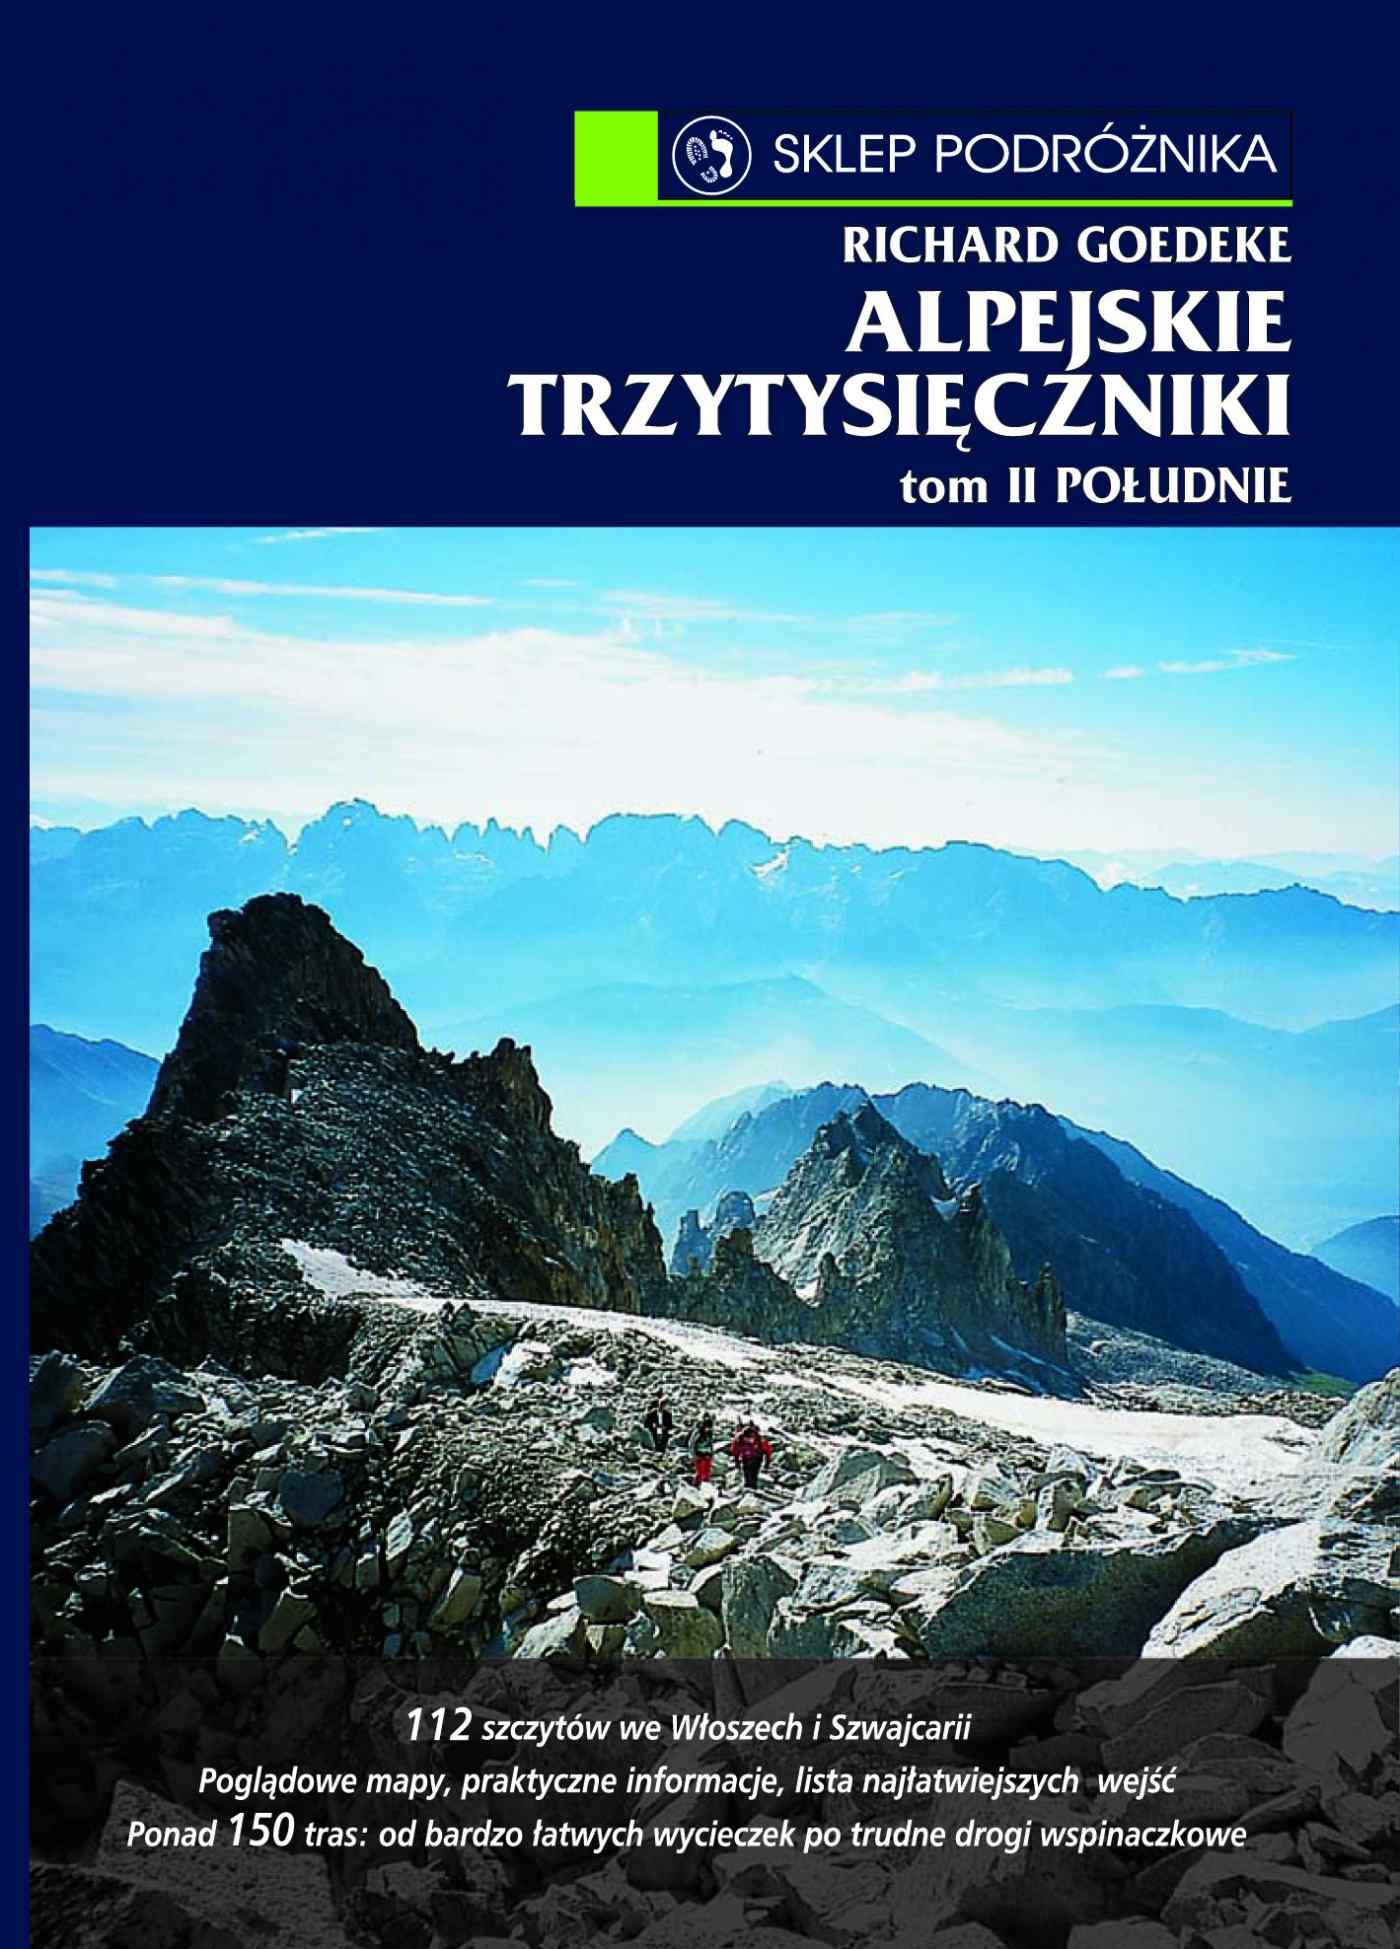 Alpejskie trzytysięczniki. Tom II. Południe. Południowa część Centralnych Alp Wschodnich i Dolomity - Ebook (Książka na Kindle) do pobrania w formacie MOBI